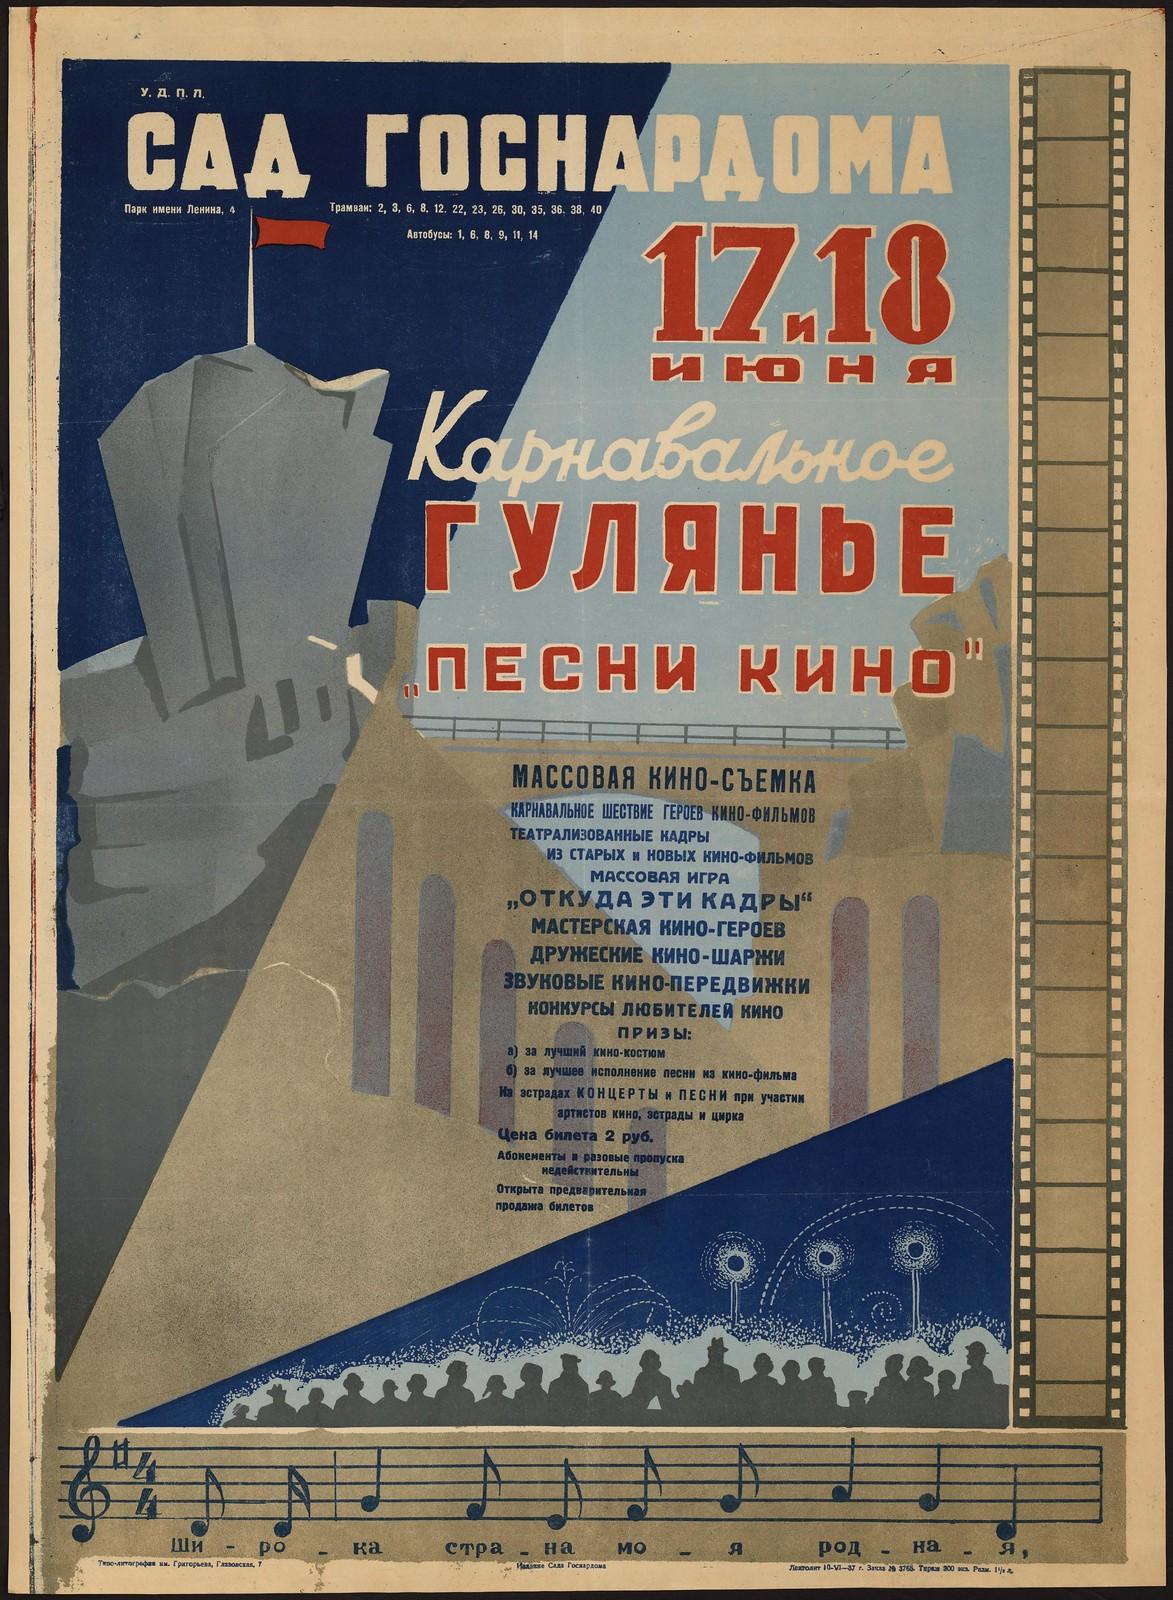 1937. 17 и 18 июня Карнавальное гулянье Песни кино. Сад Госнардома